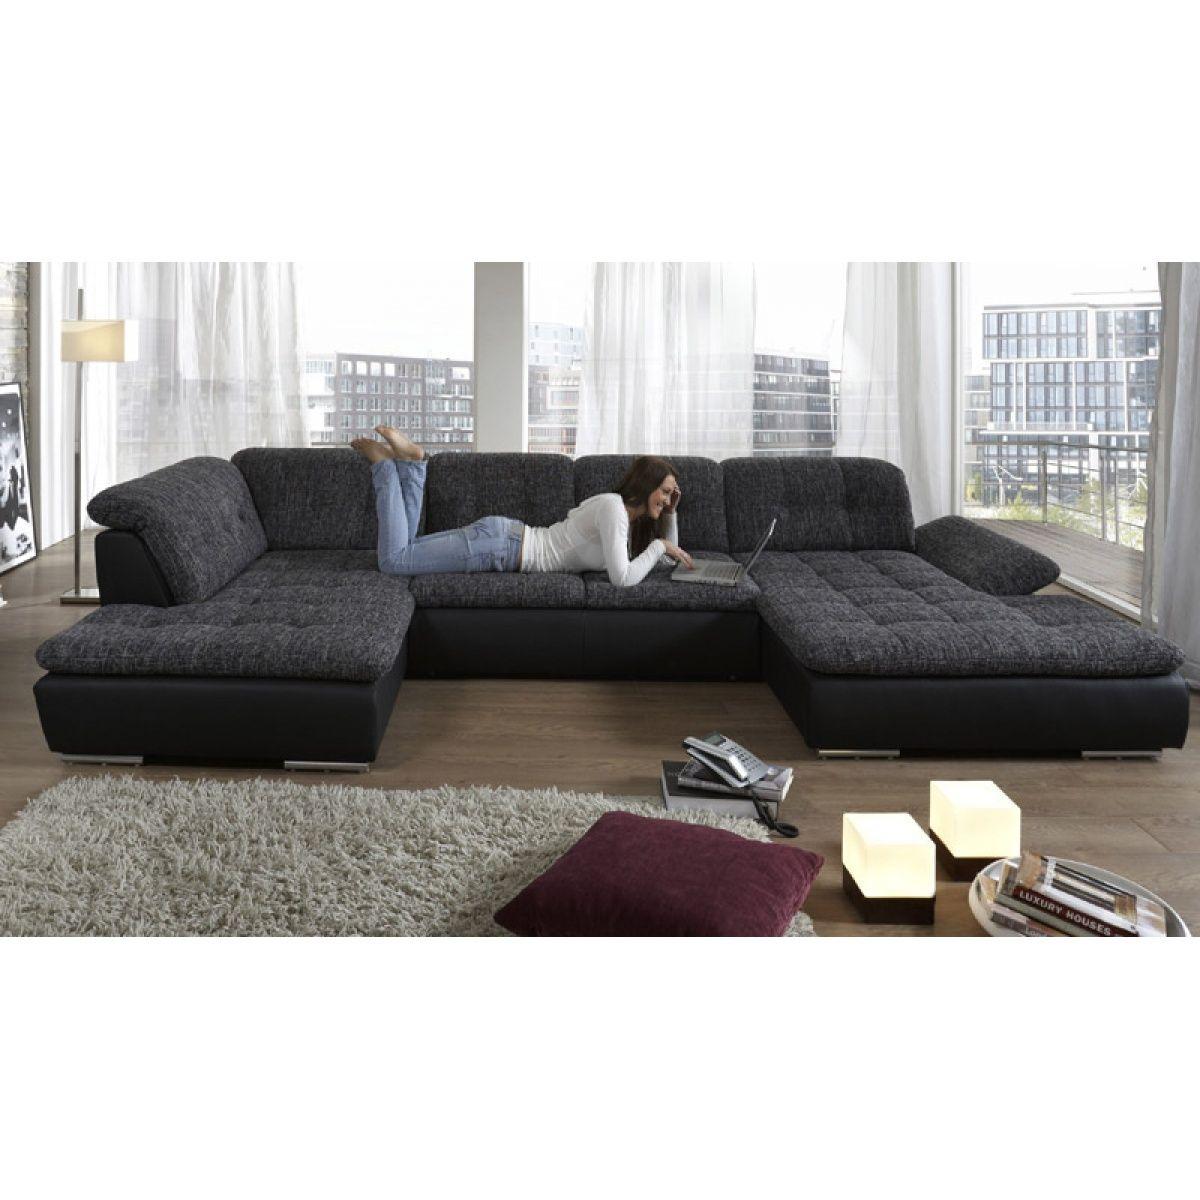 Sehr Moderne Wohnlandschaft Mit Großer Liegefläche Diese Sitzecke Ist Ein  Echter Hingucker Und Garantiert Absolute Entspannung Seine Auße